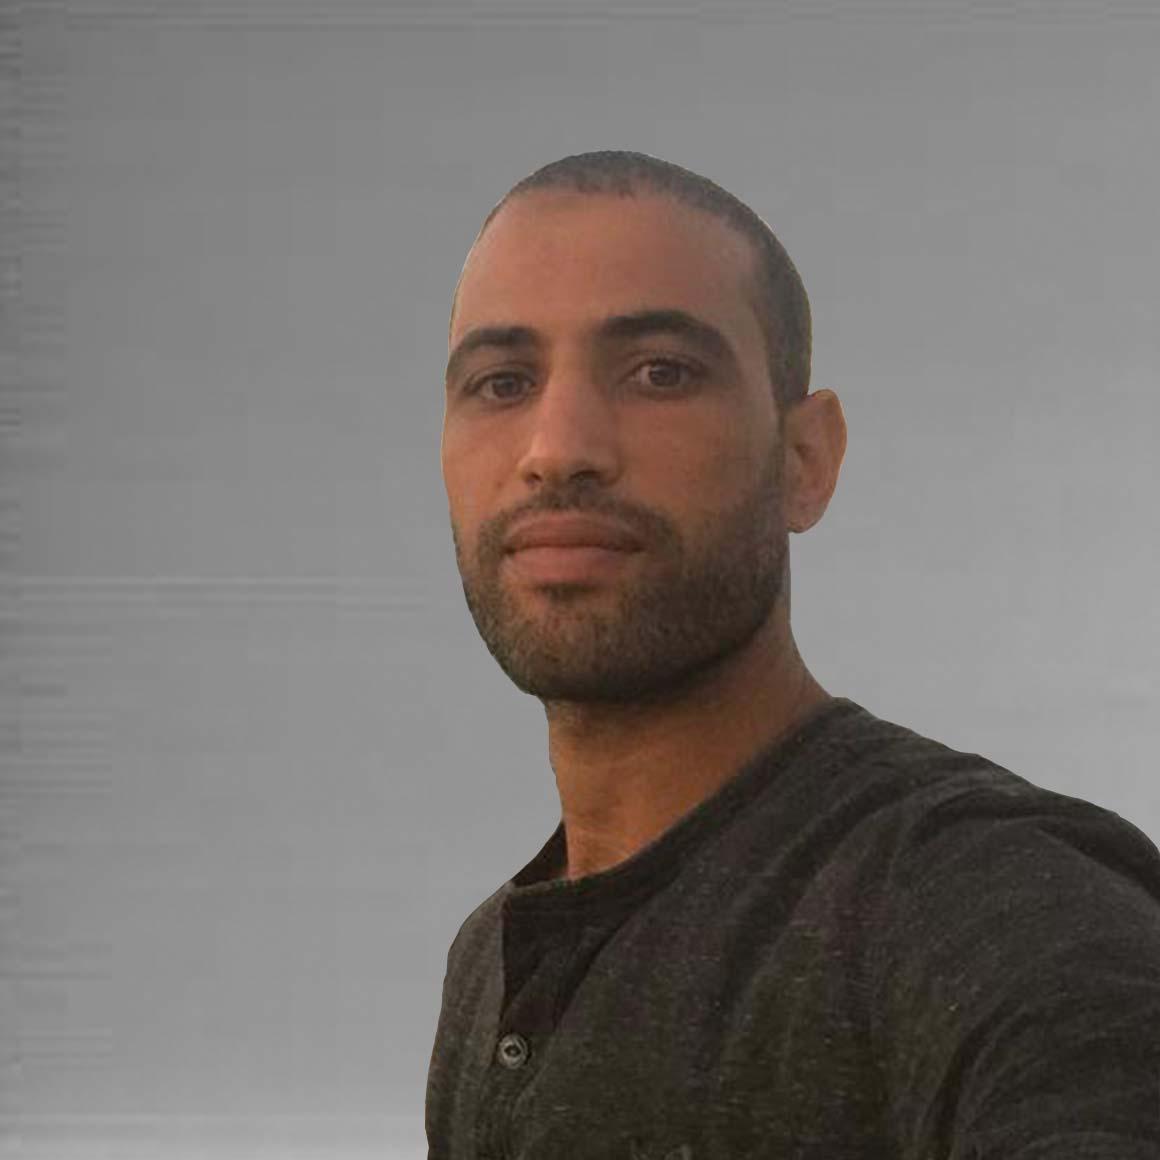 Mustapha Nasraoui